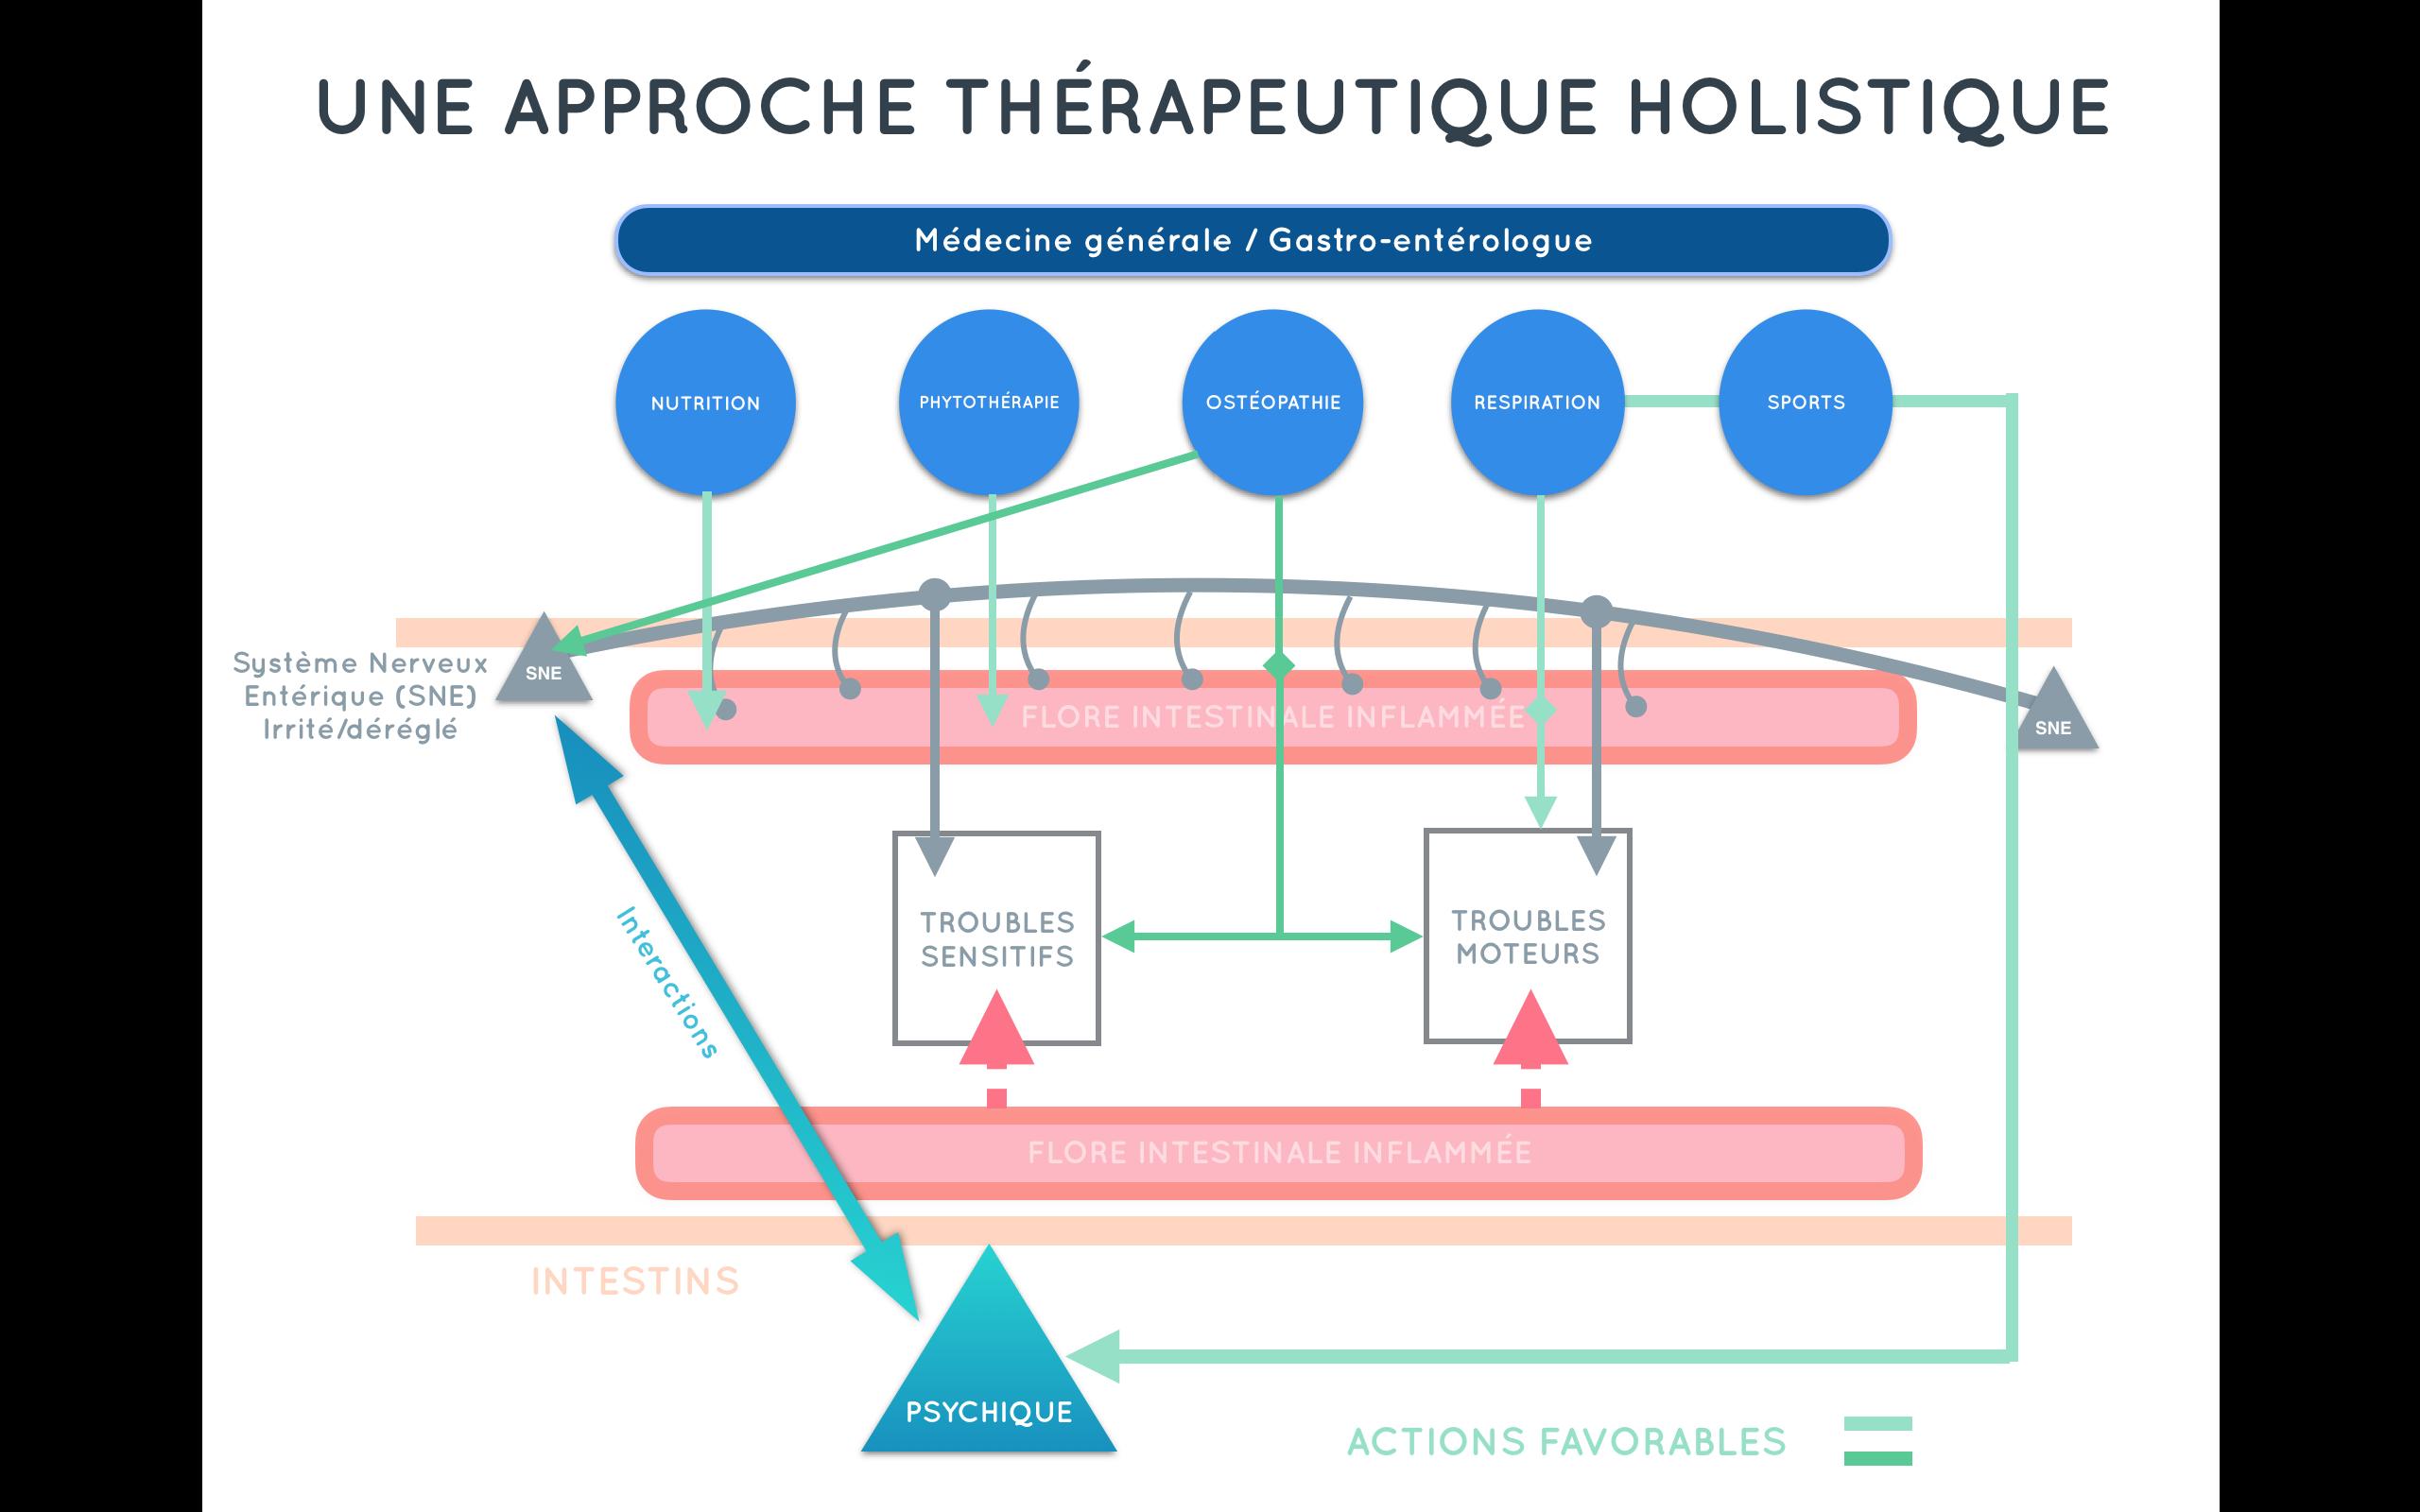 Une approche thérapeutique efficace